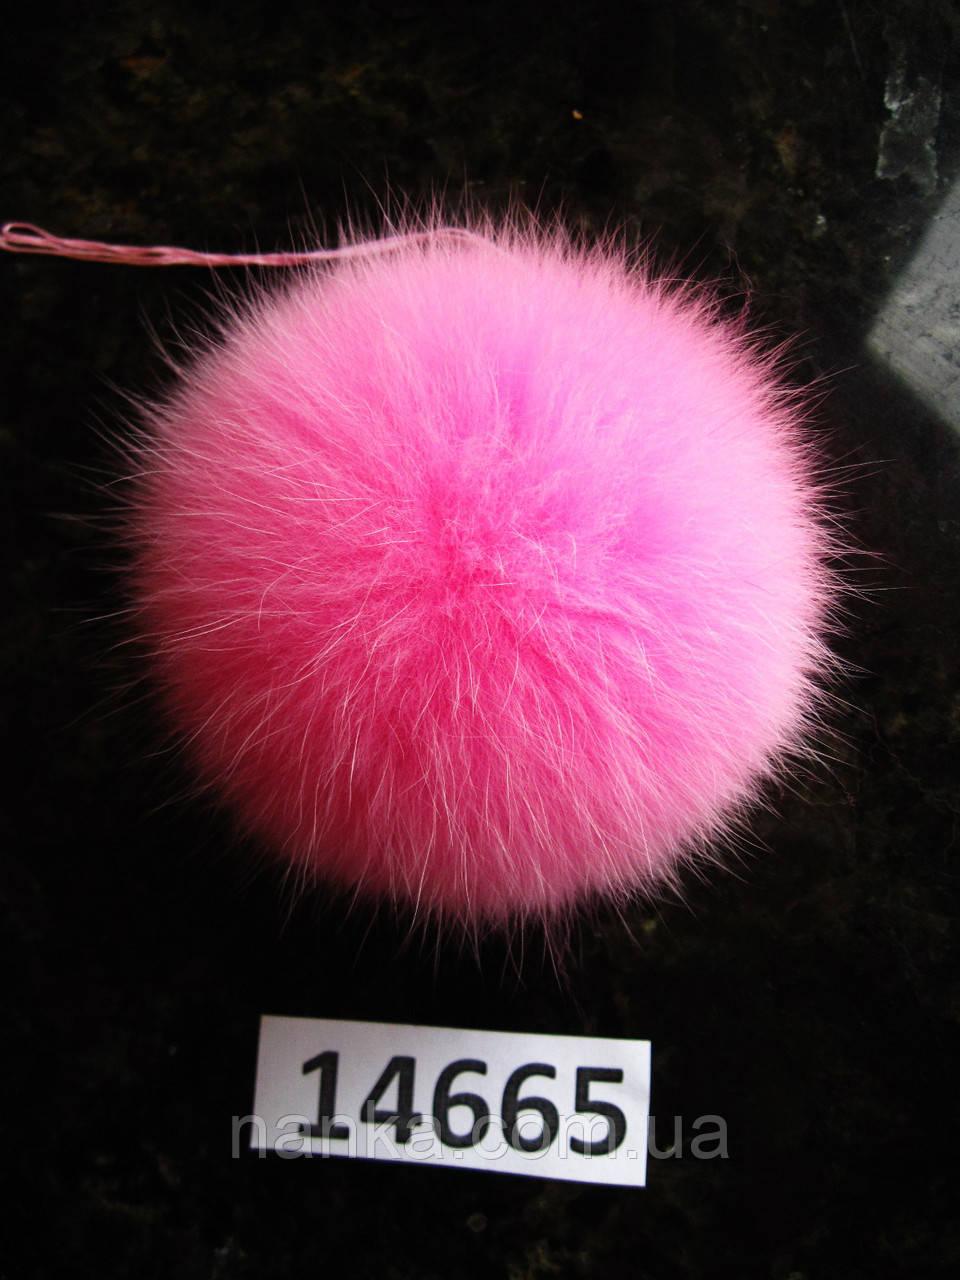 Меховой помпон Песец, Розовый, 12 см,14665